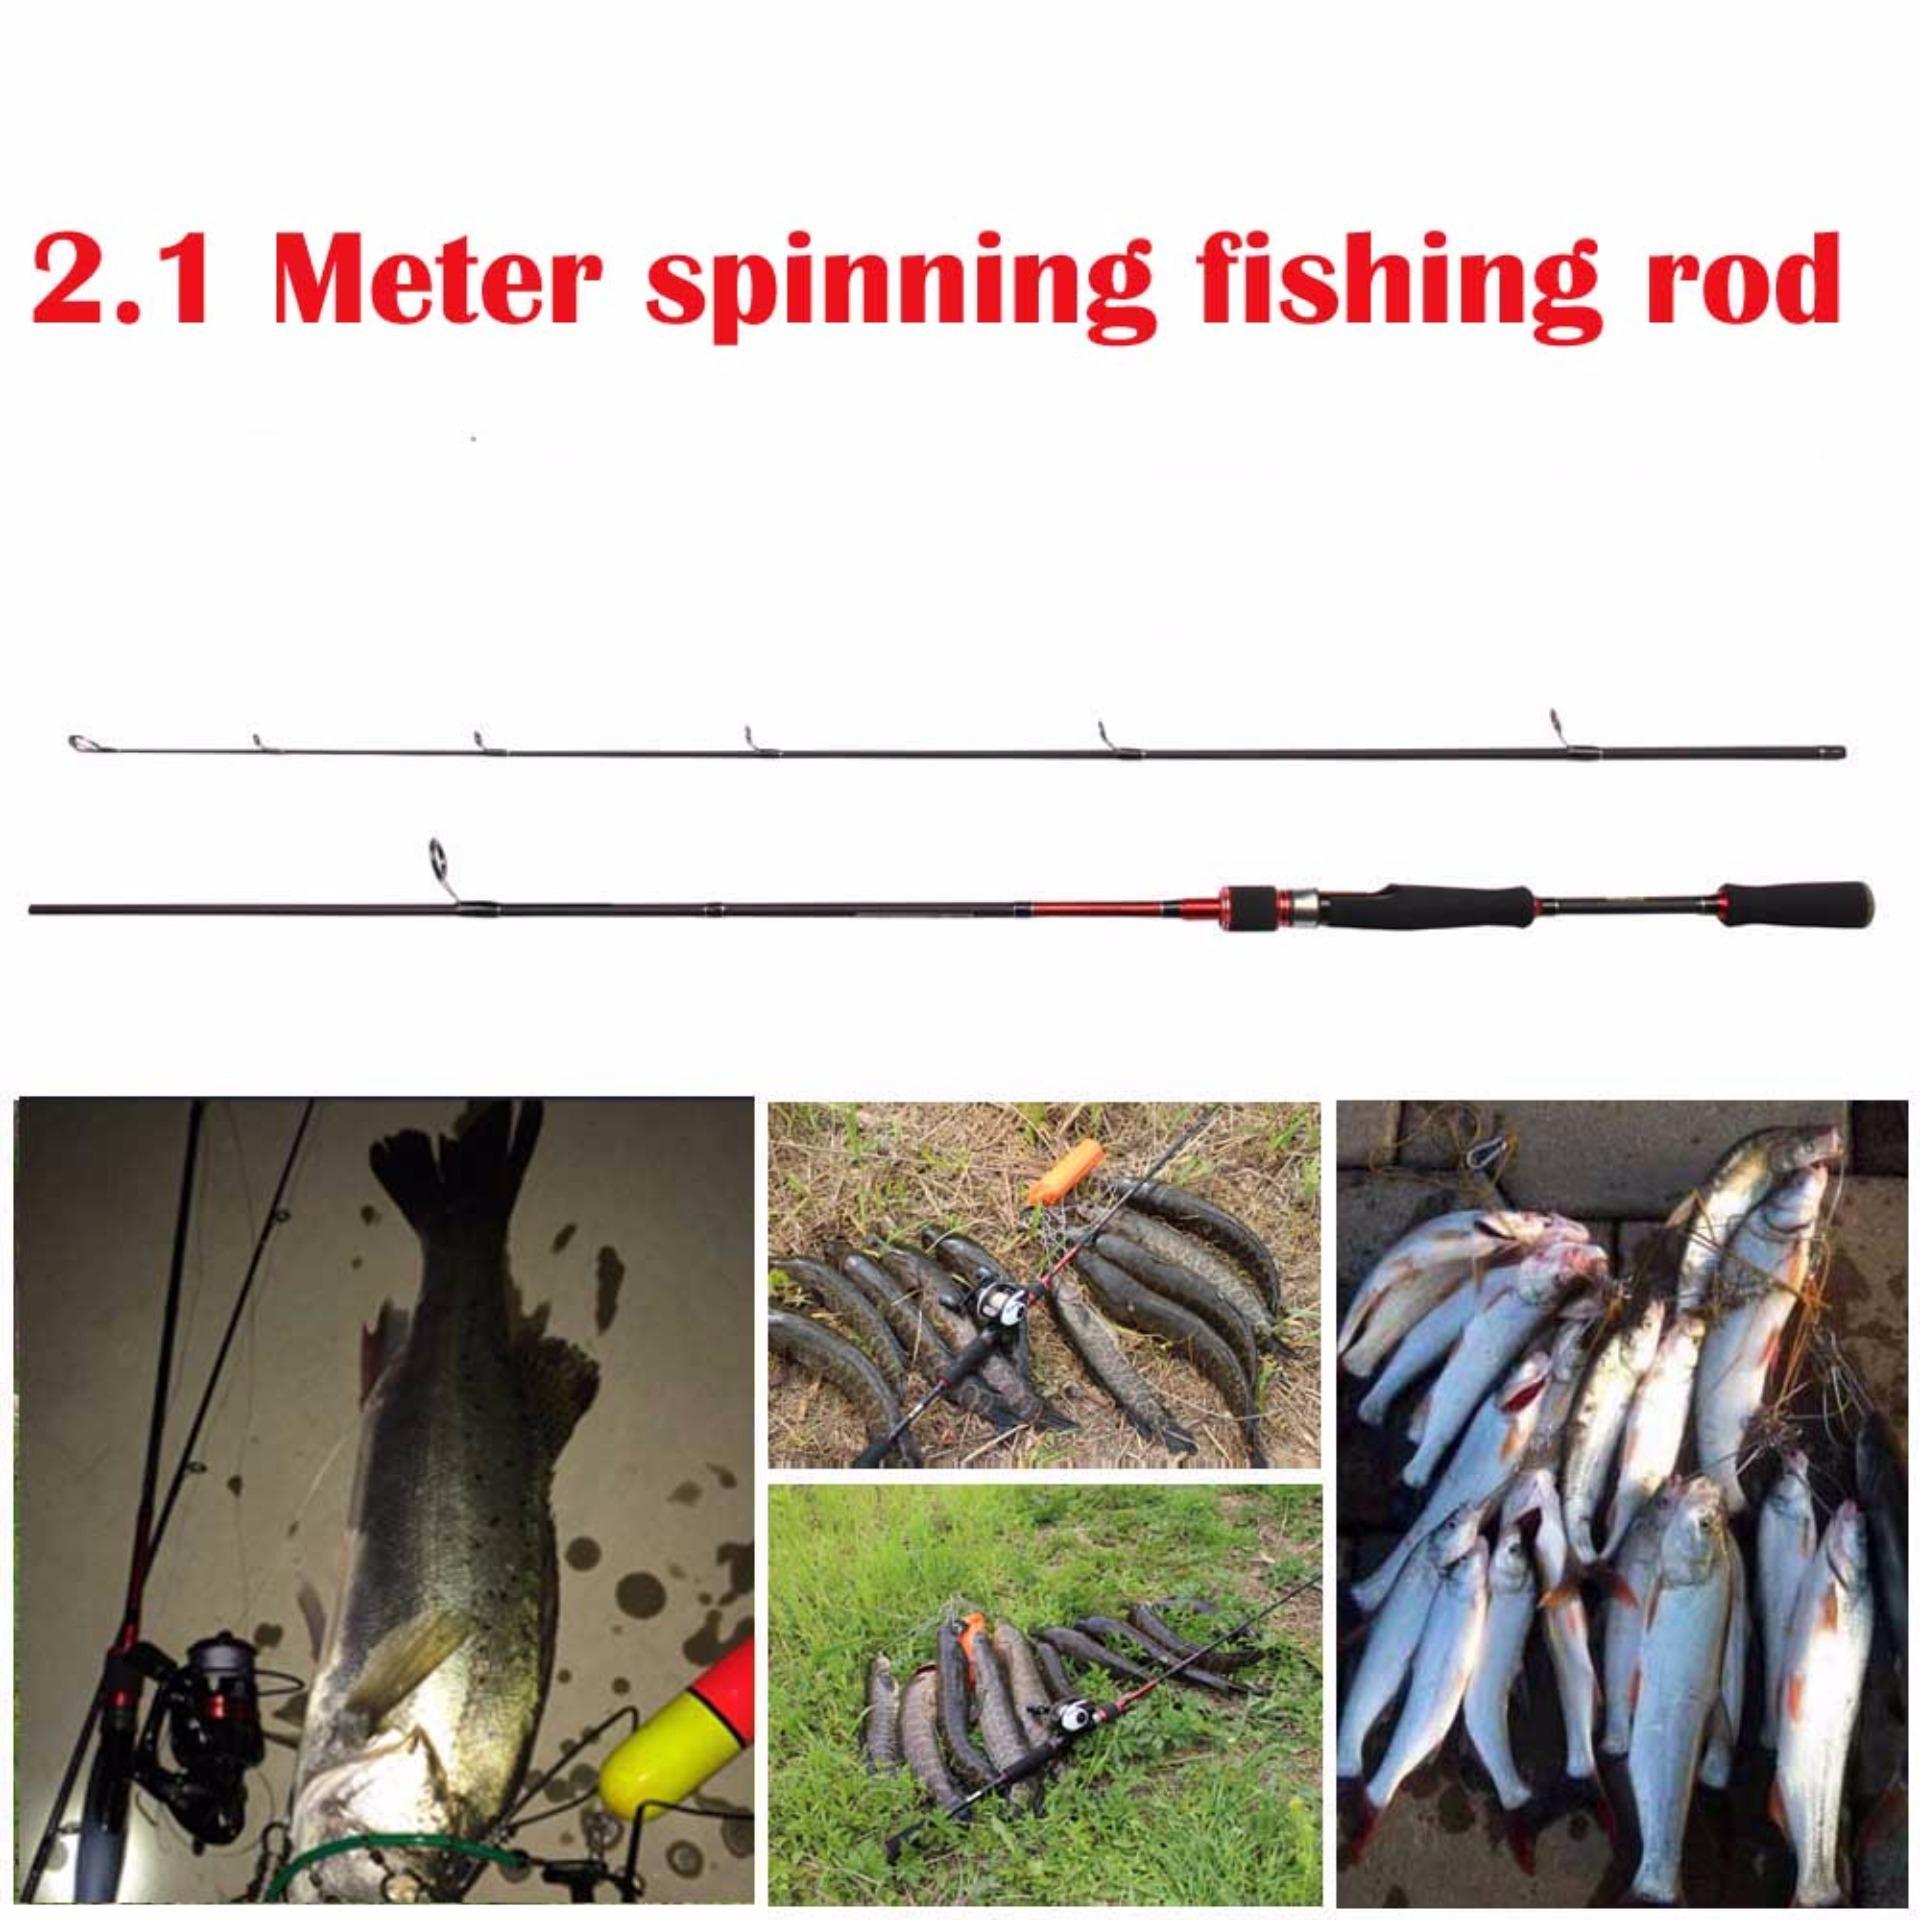 Toko Online Murah Meriah Hanya Untuk Anda: JUALAN DISKON 2.1 Meter Jual Beli Joran Pancing Karbon Spinning Rod Red 5-15g 5-18LB Fishing Rod